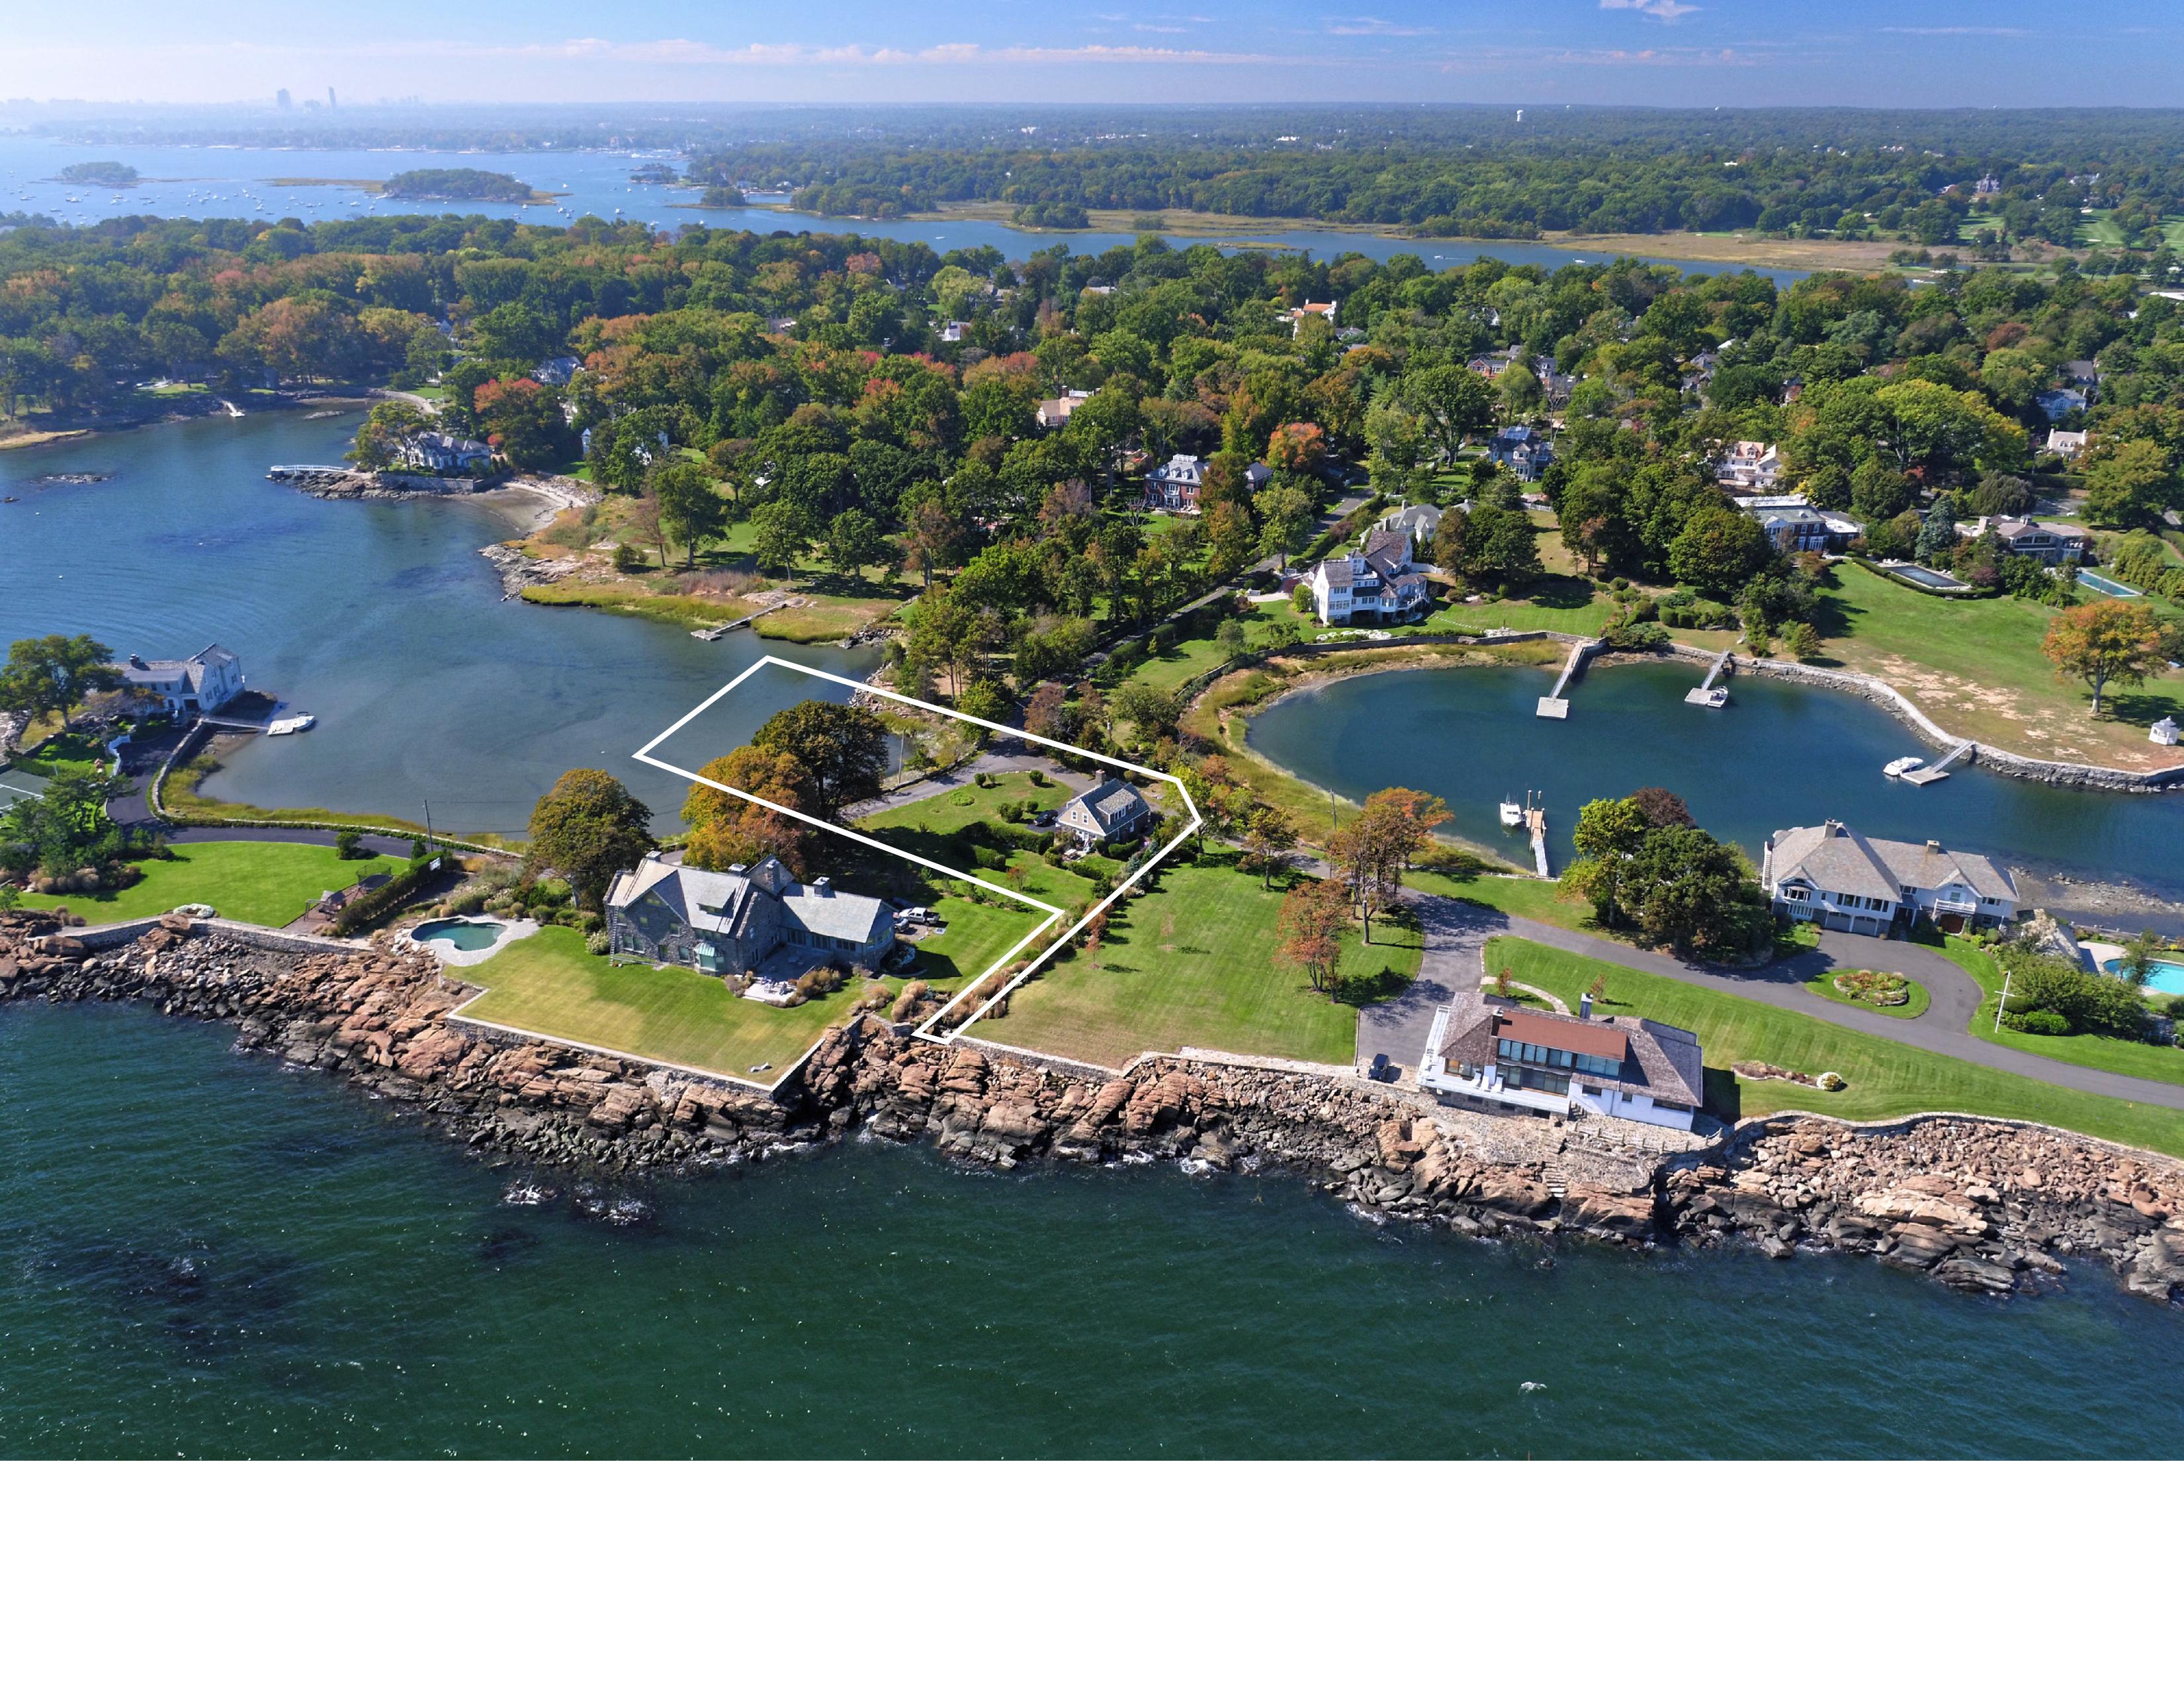 独户住宅 为 销售 在 12 Pine Island Road 拉伊, 纽约州, 10580 美国